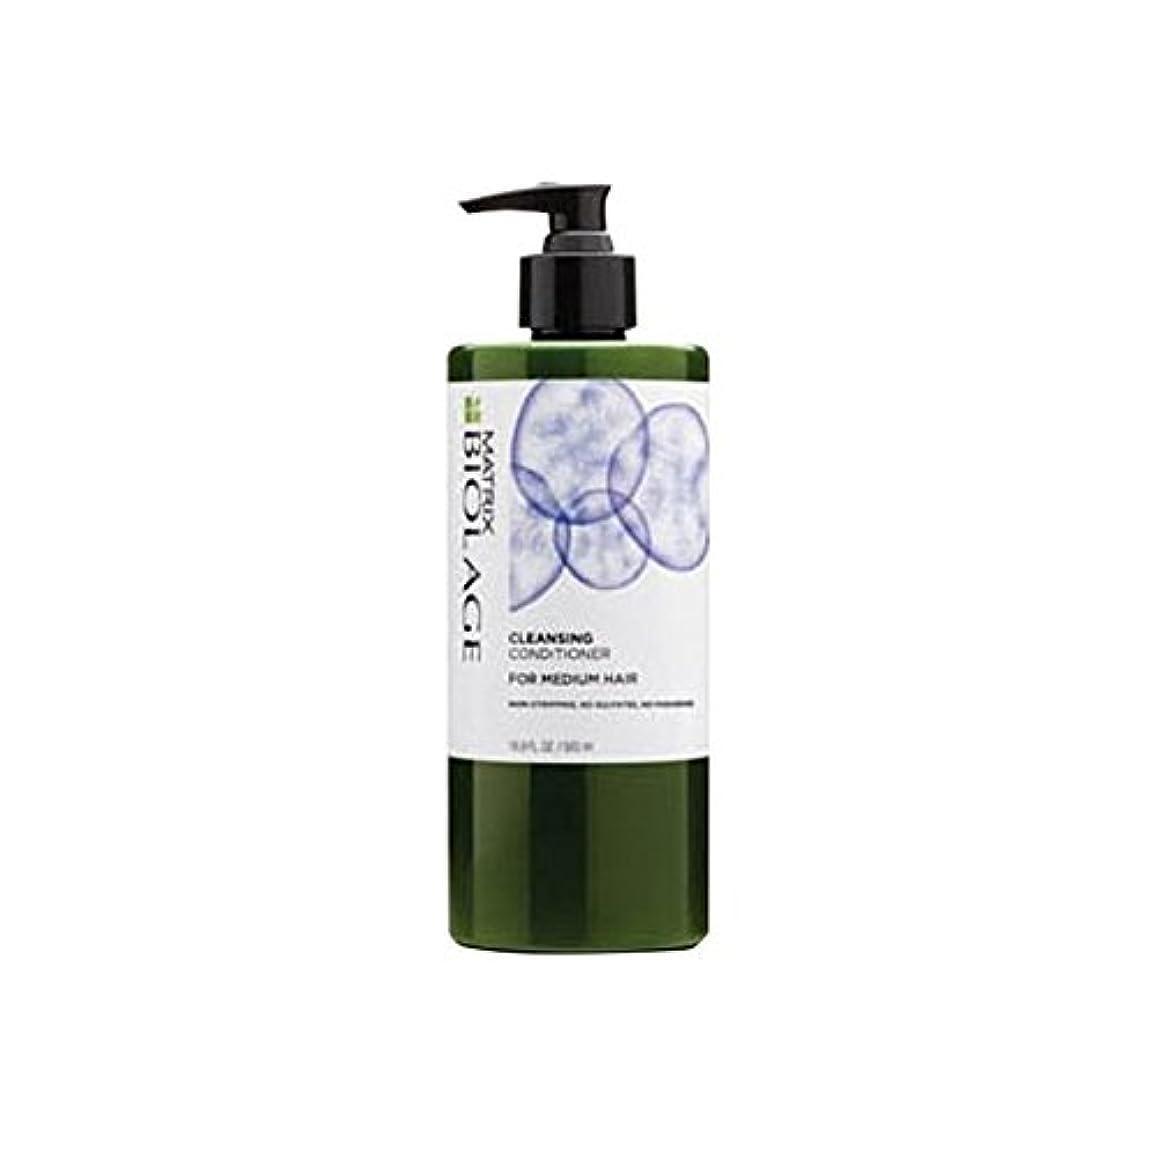 帰するコミットジョガーマトリックスバイオレイジクレンジングコンディショナー - メディア髪(500ミリリットル) x4 - Matrix Biolage Cleansing Conditioner - Medium Hair (500ml)...